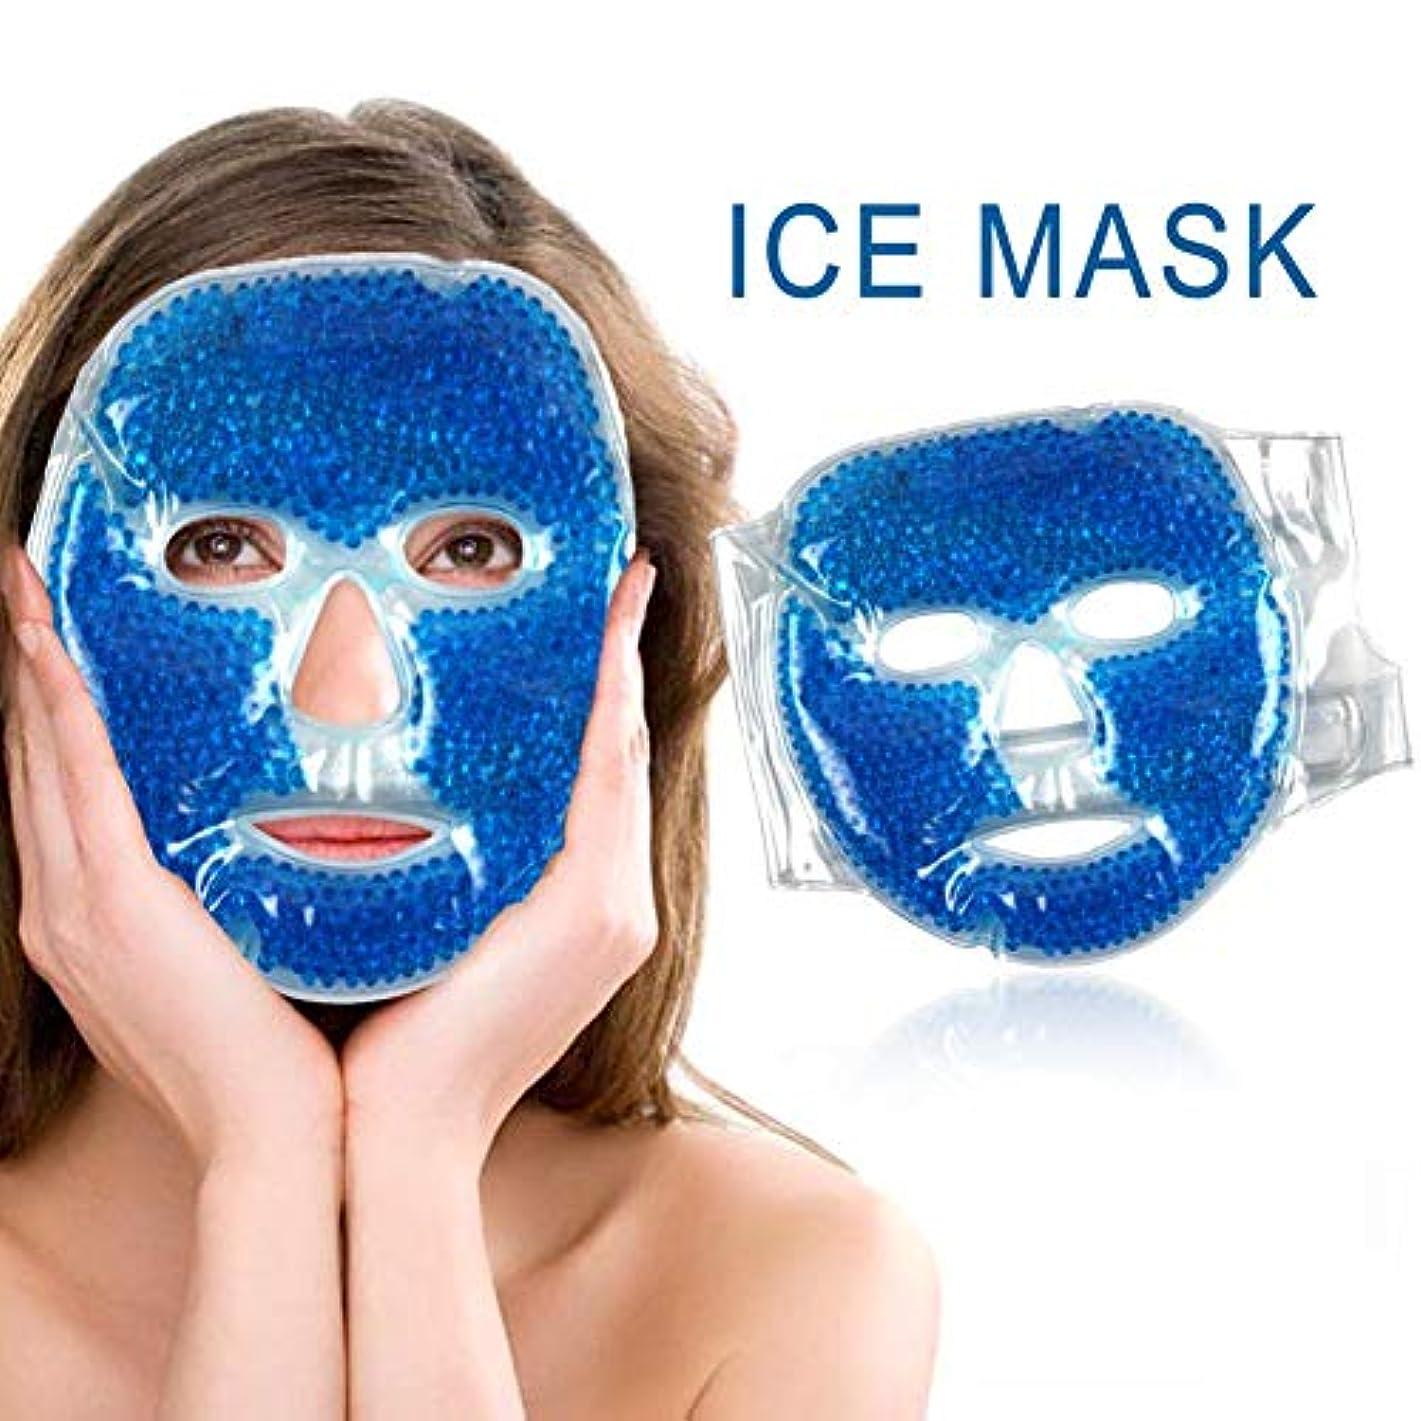 懐疑的刺激する励起SILUN フェイスマスク 冷温兼用 アイスマスク 美容用 再利用可能 毛細血管収縮 疲労緩和 肌ケア 保湿 吸収しやすい 美容マッサージ